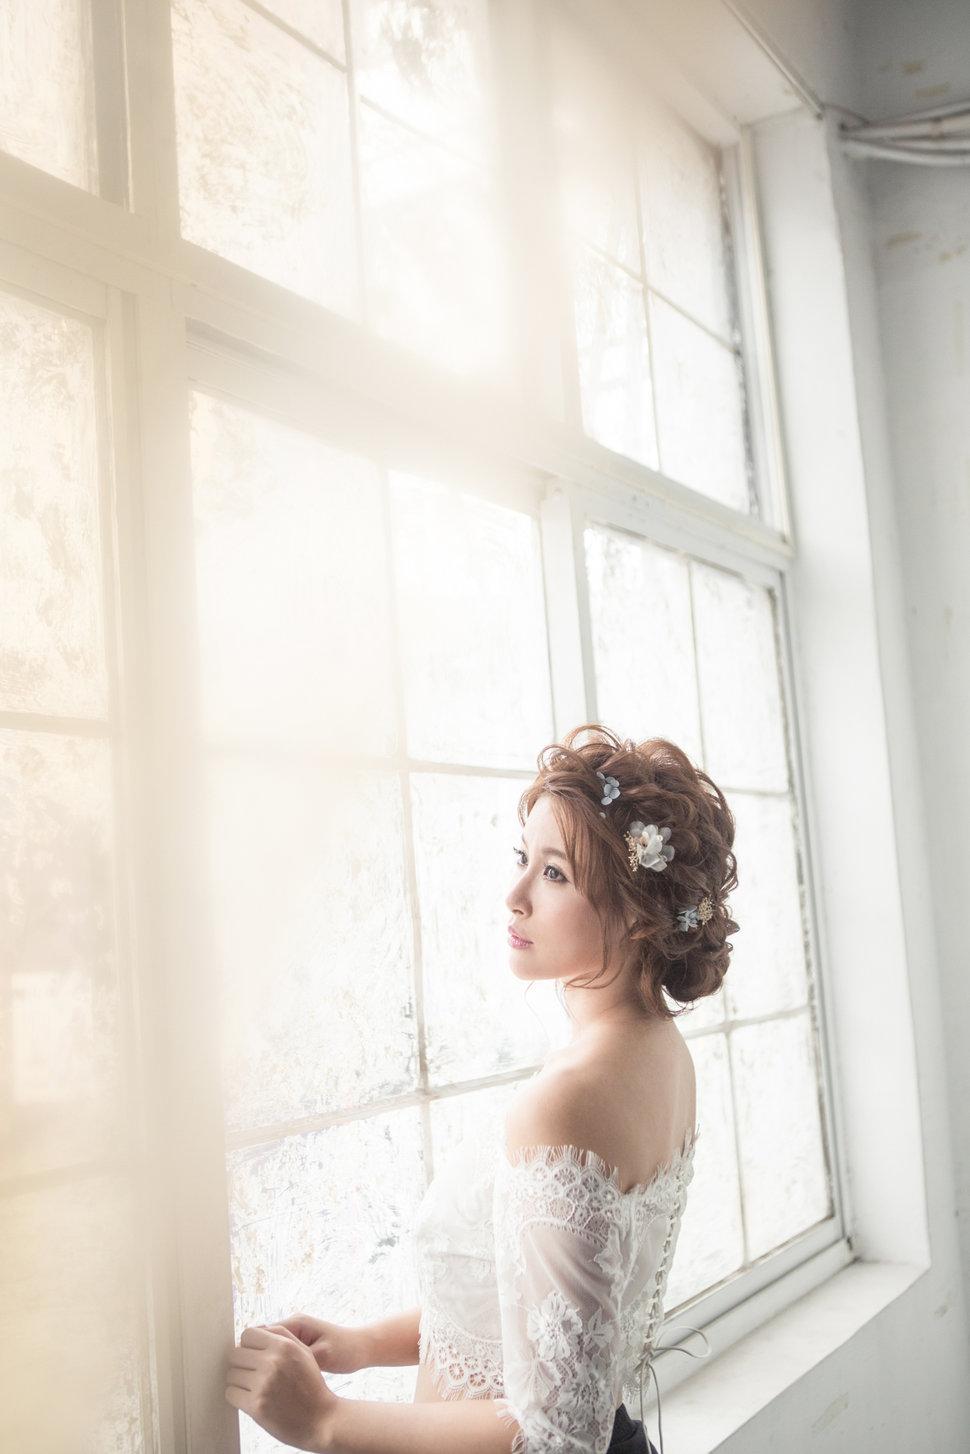 【純真精靈】低髻造型/純淨妝感-12 - iling彩妝造型 - 結婚吧